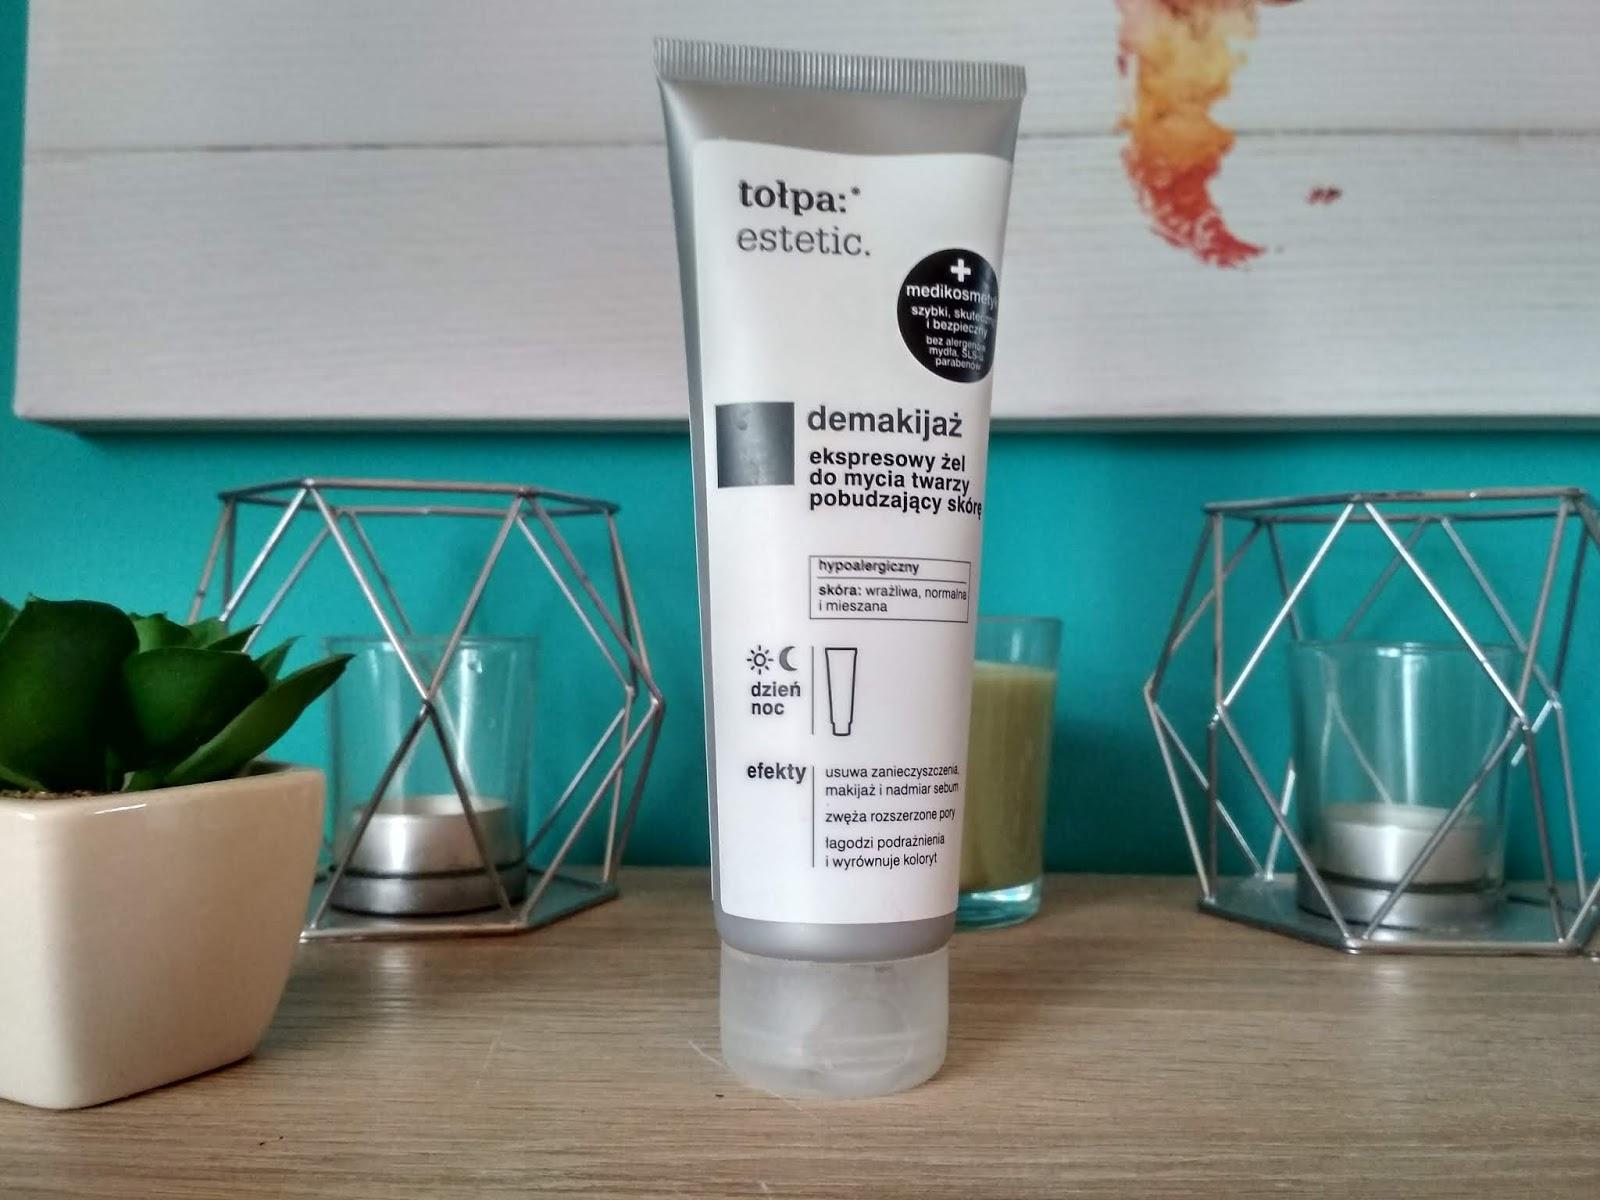 Recenzja - Tołpa:estetic. demakijaż - ekspresowy żel do mycia twarzy pobudzający skórę   N. o kosmetykach